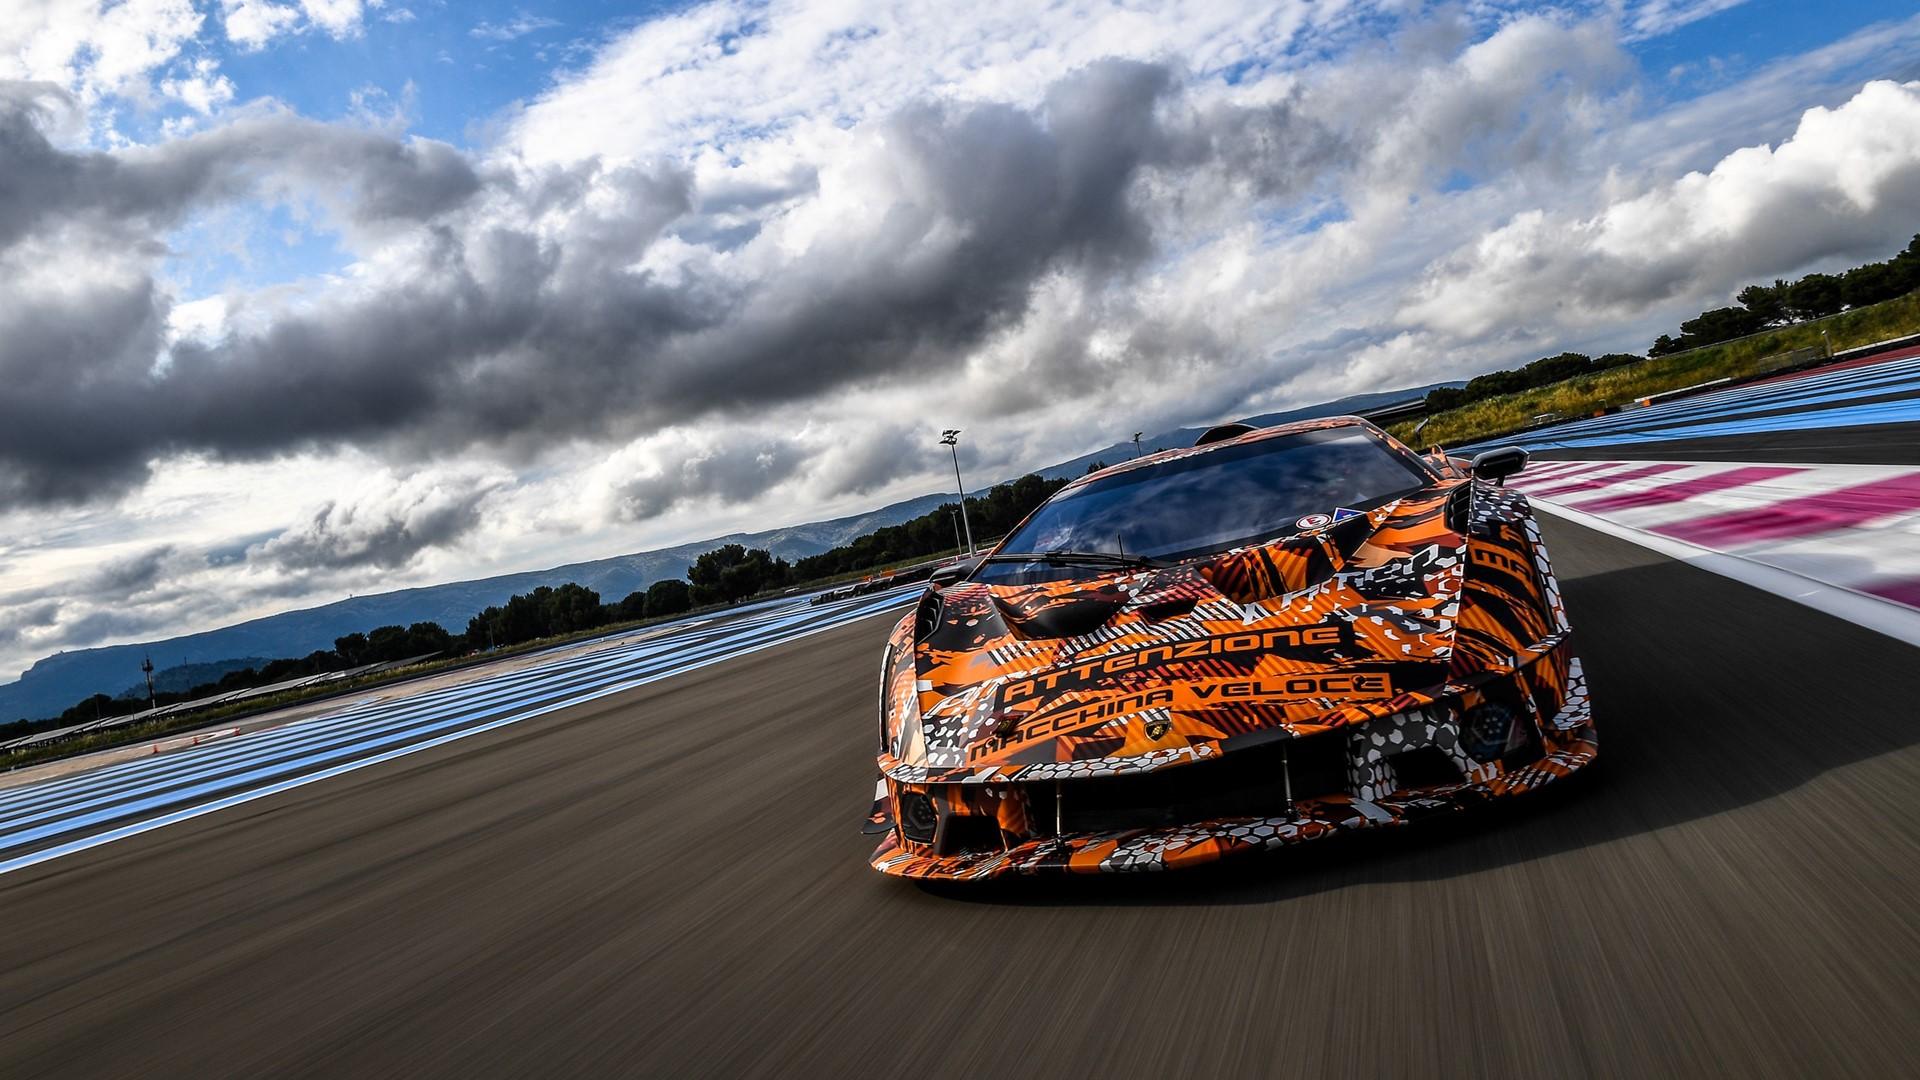 Lamborghini SCV12: Squadra Corse hypercar ready to hit the track - Image 7